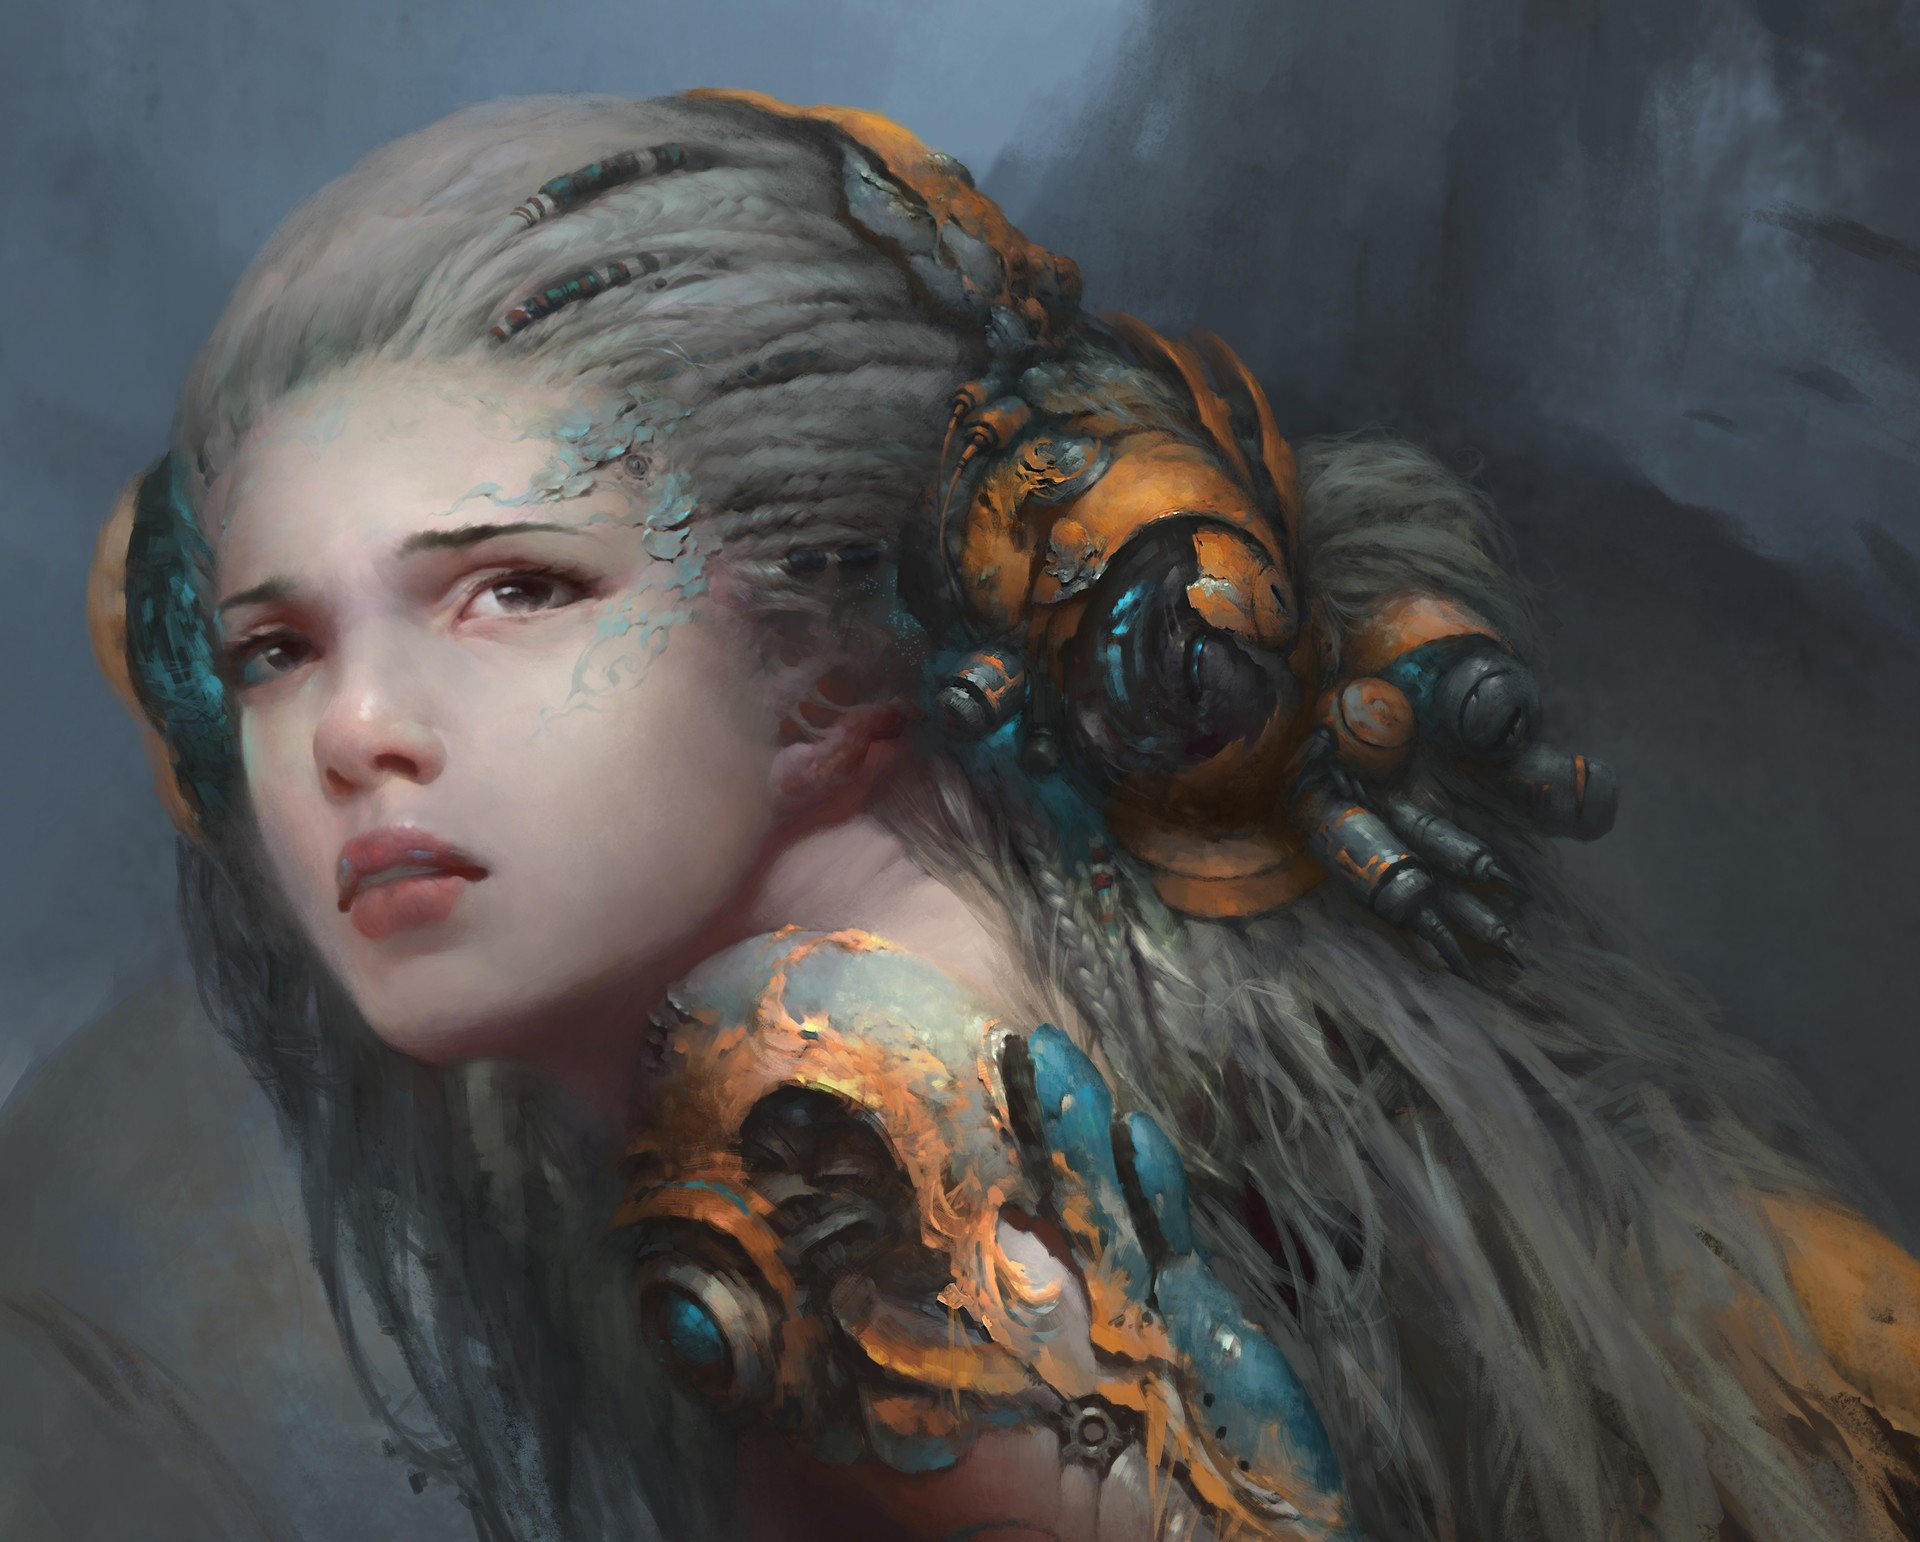 face, Magic, Fantasy art, Fantasy girl Wallpaper